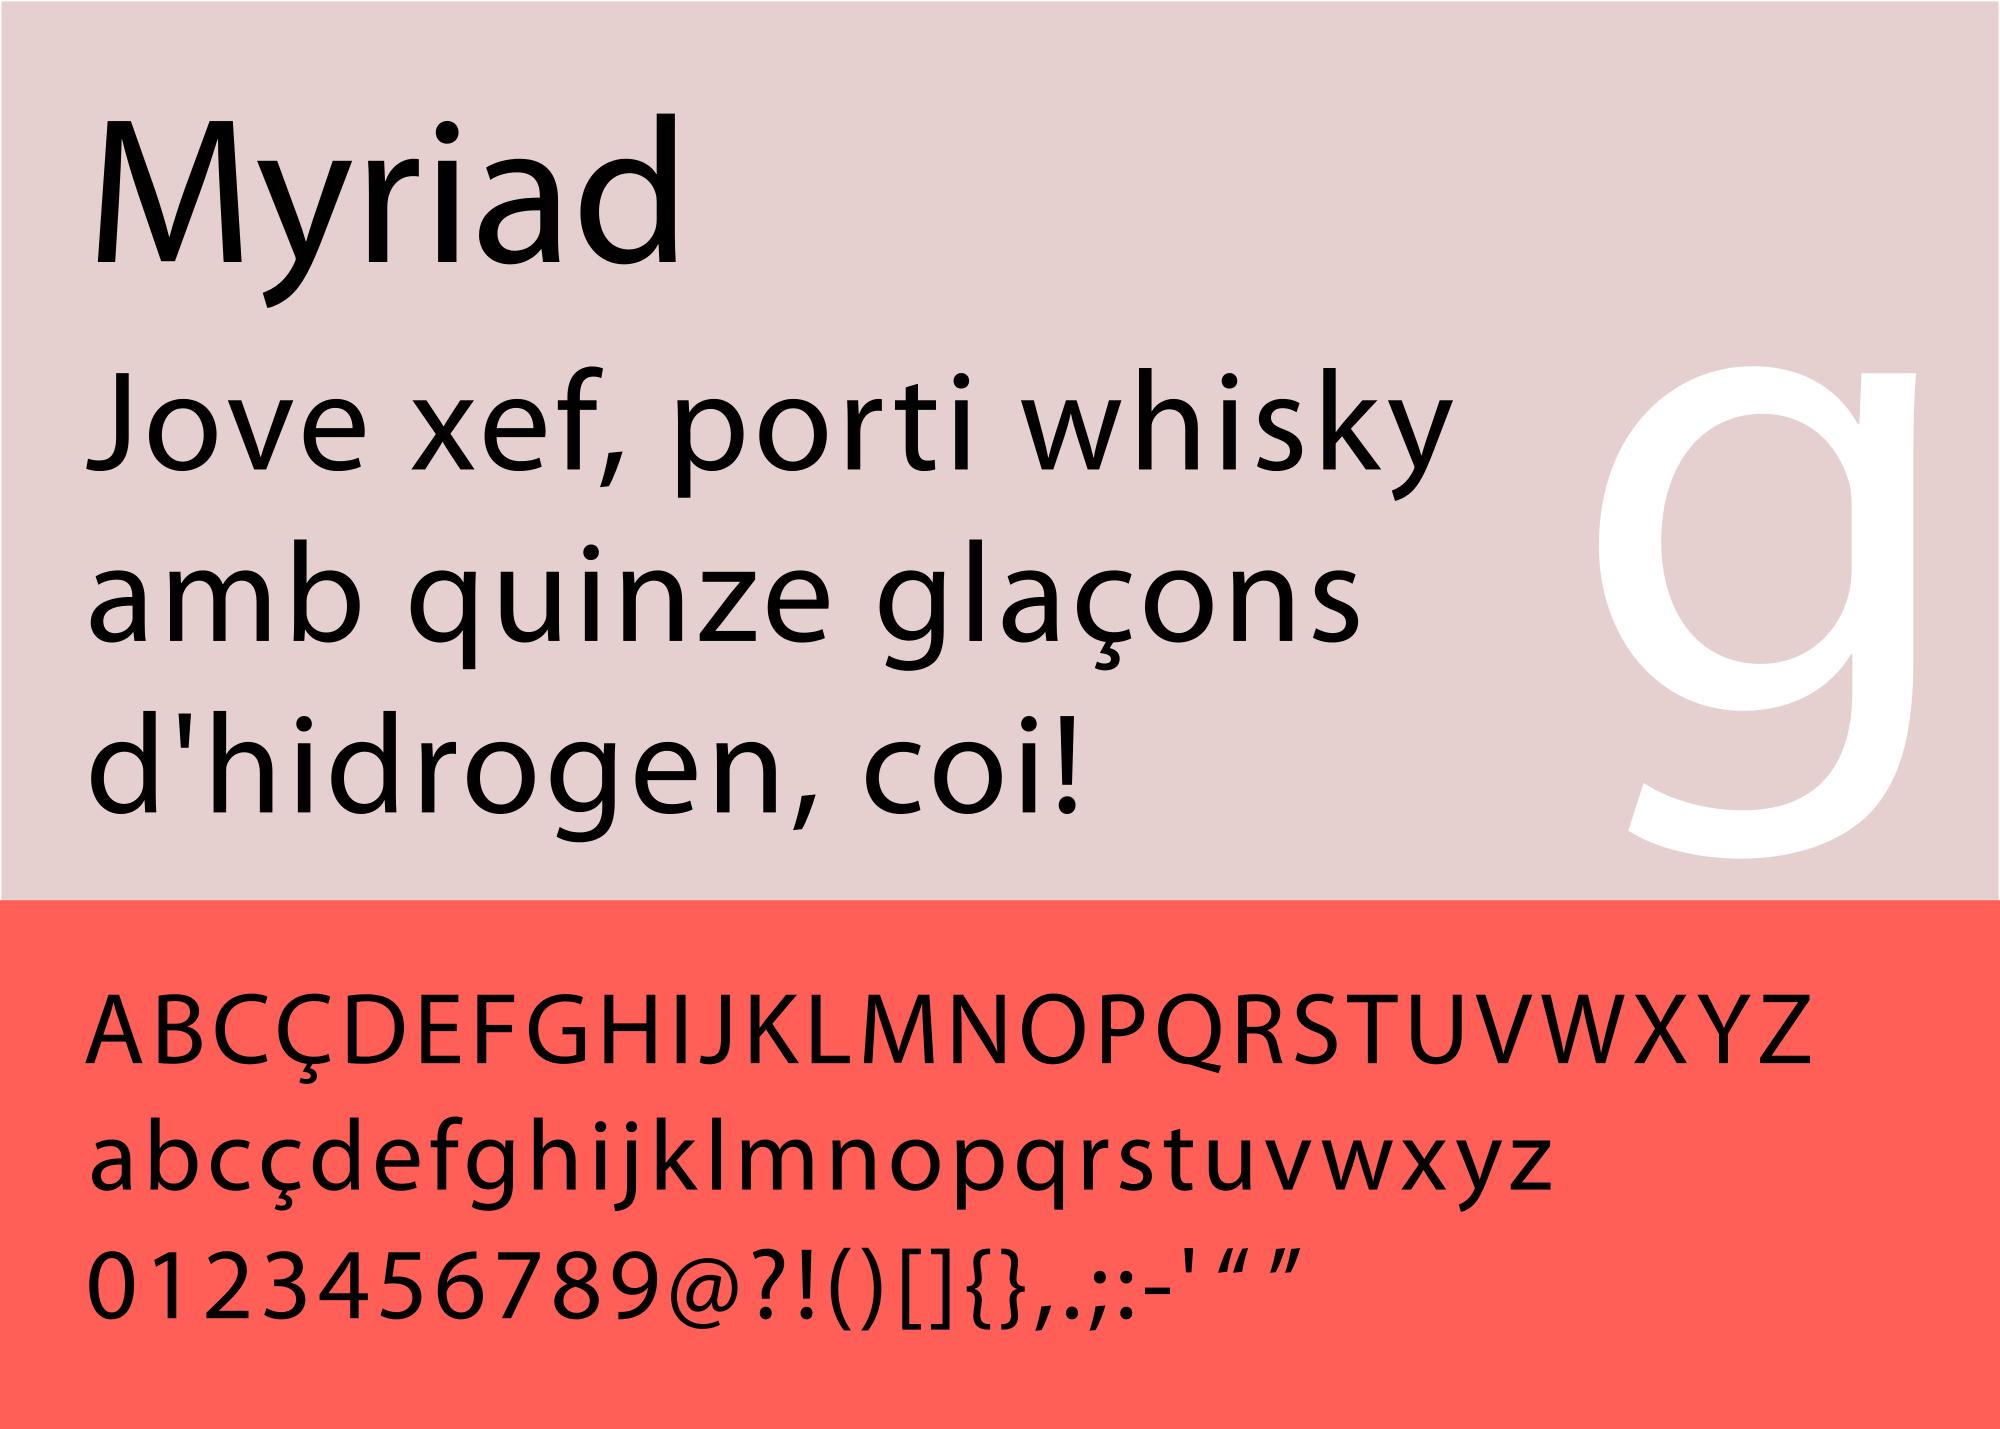 Caratteri tipografici pipù utilizzati in pubblicità: Myriad